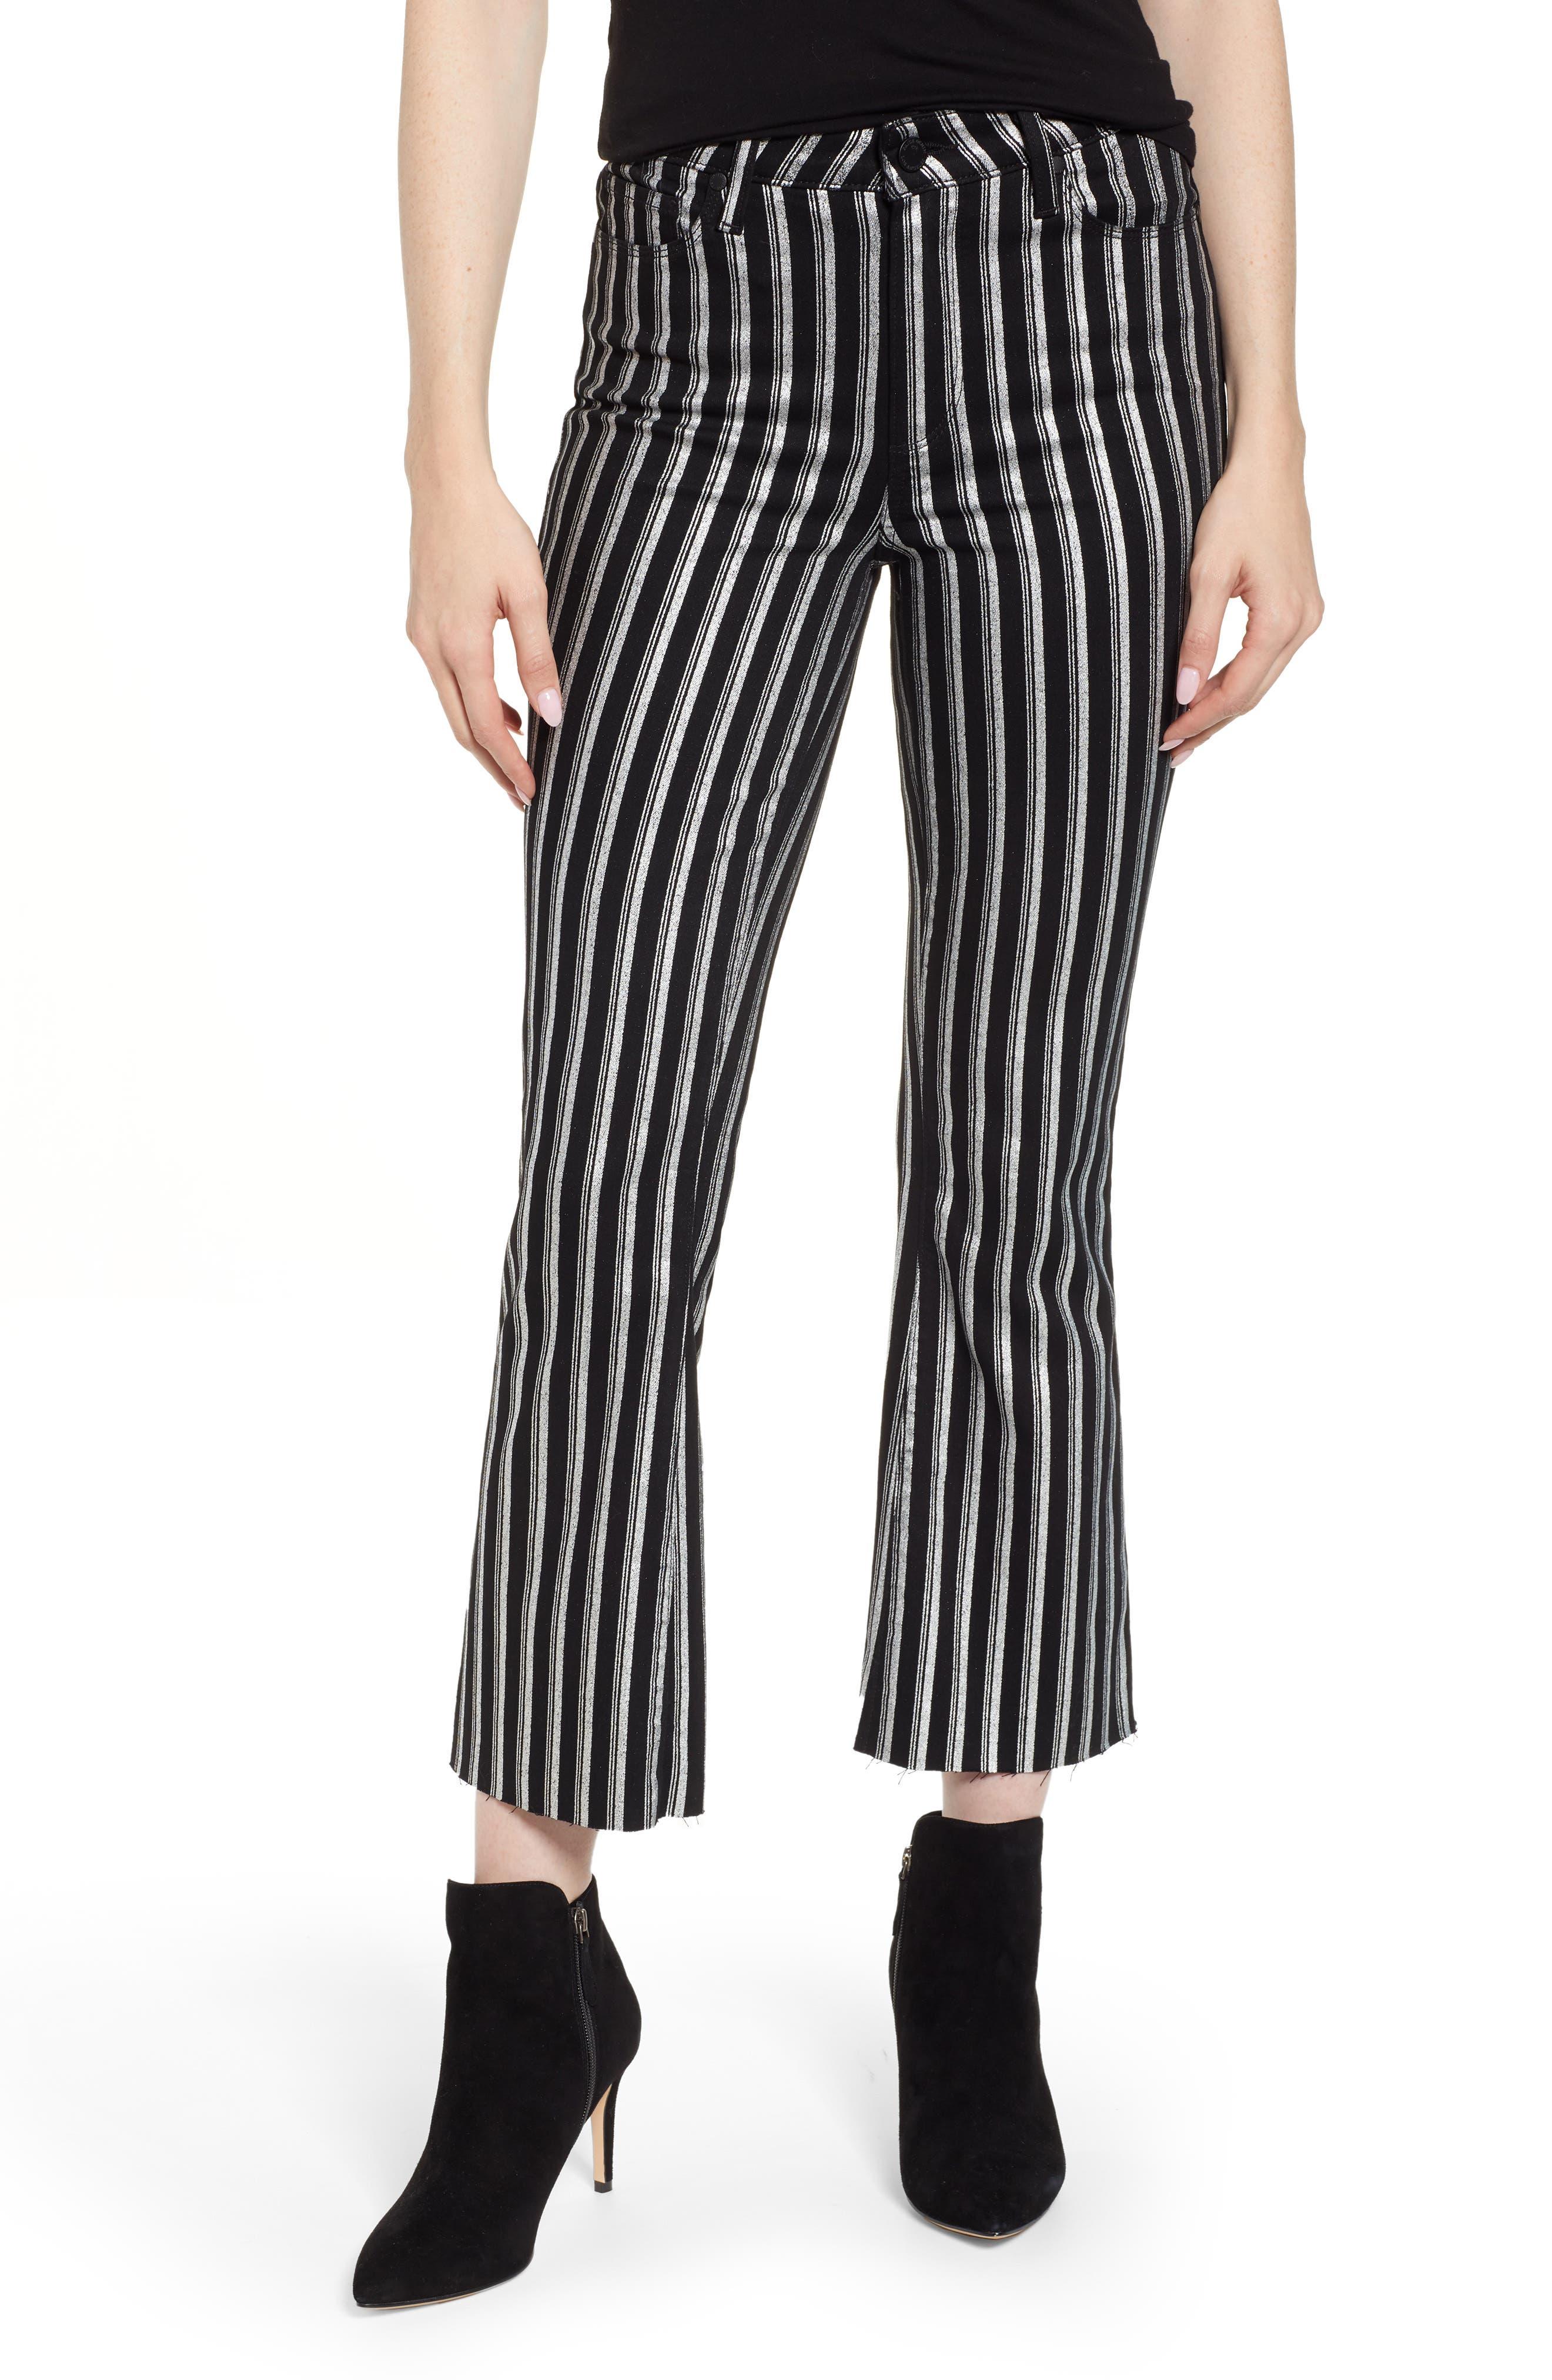 PAIGE, Colette High Waist Crop Flare Jeans, Main thumbnail 1, color, SILVER STRIPE